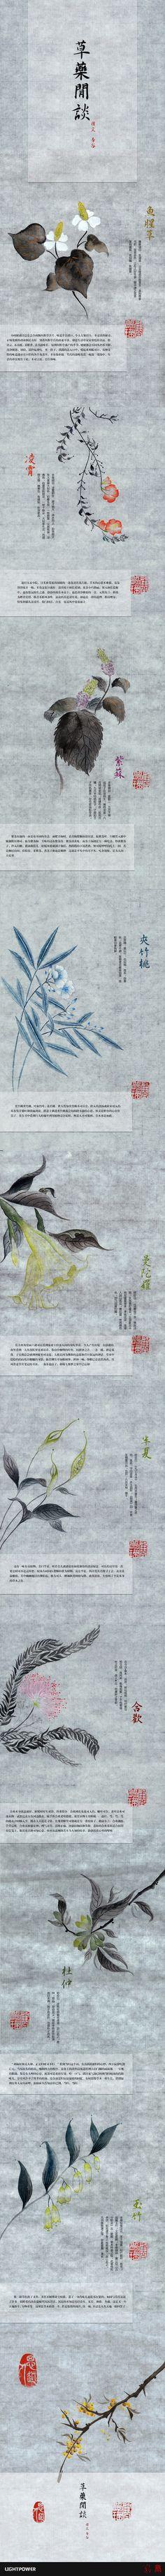 Oriental art. Subtle colours, simple images, natural textures